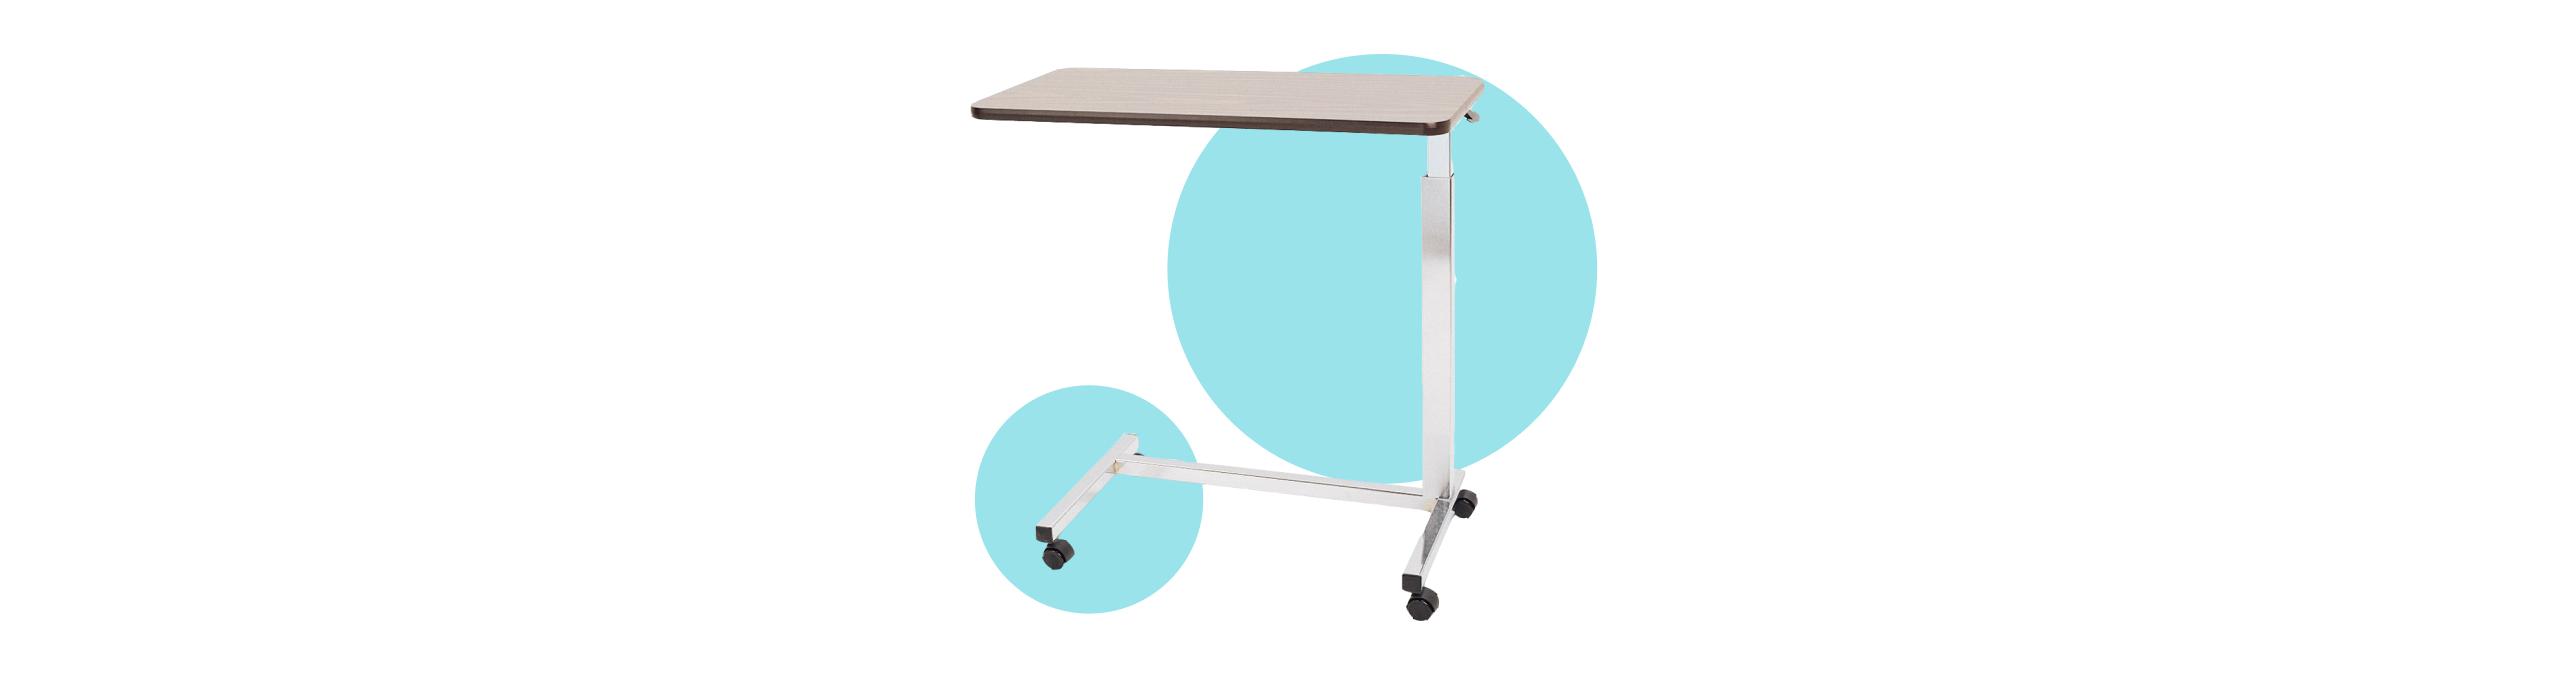 โต๊ะติดล้อเลื่อน